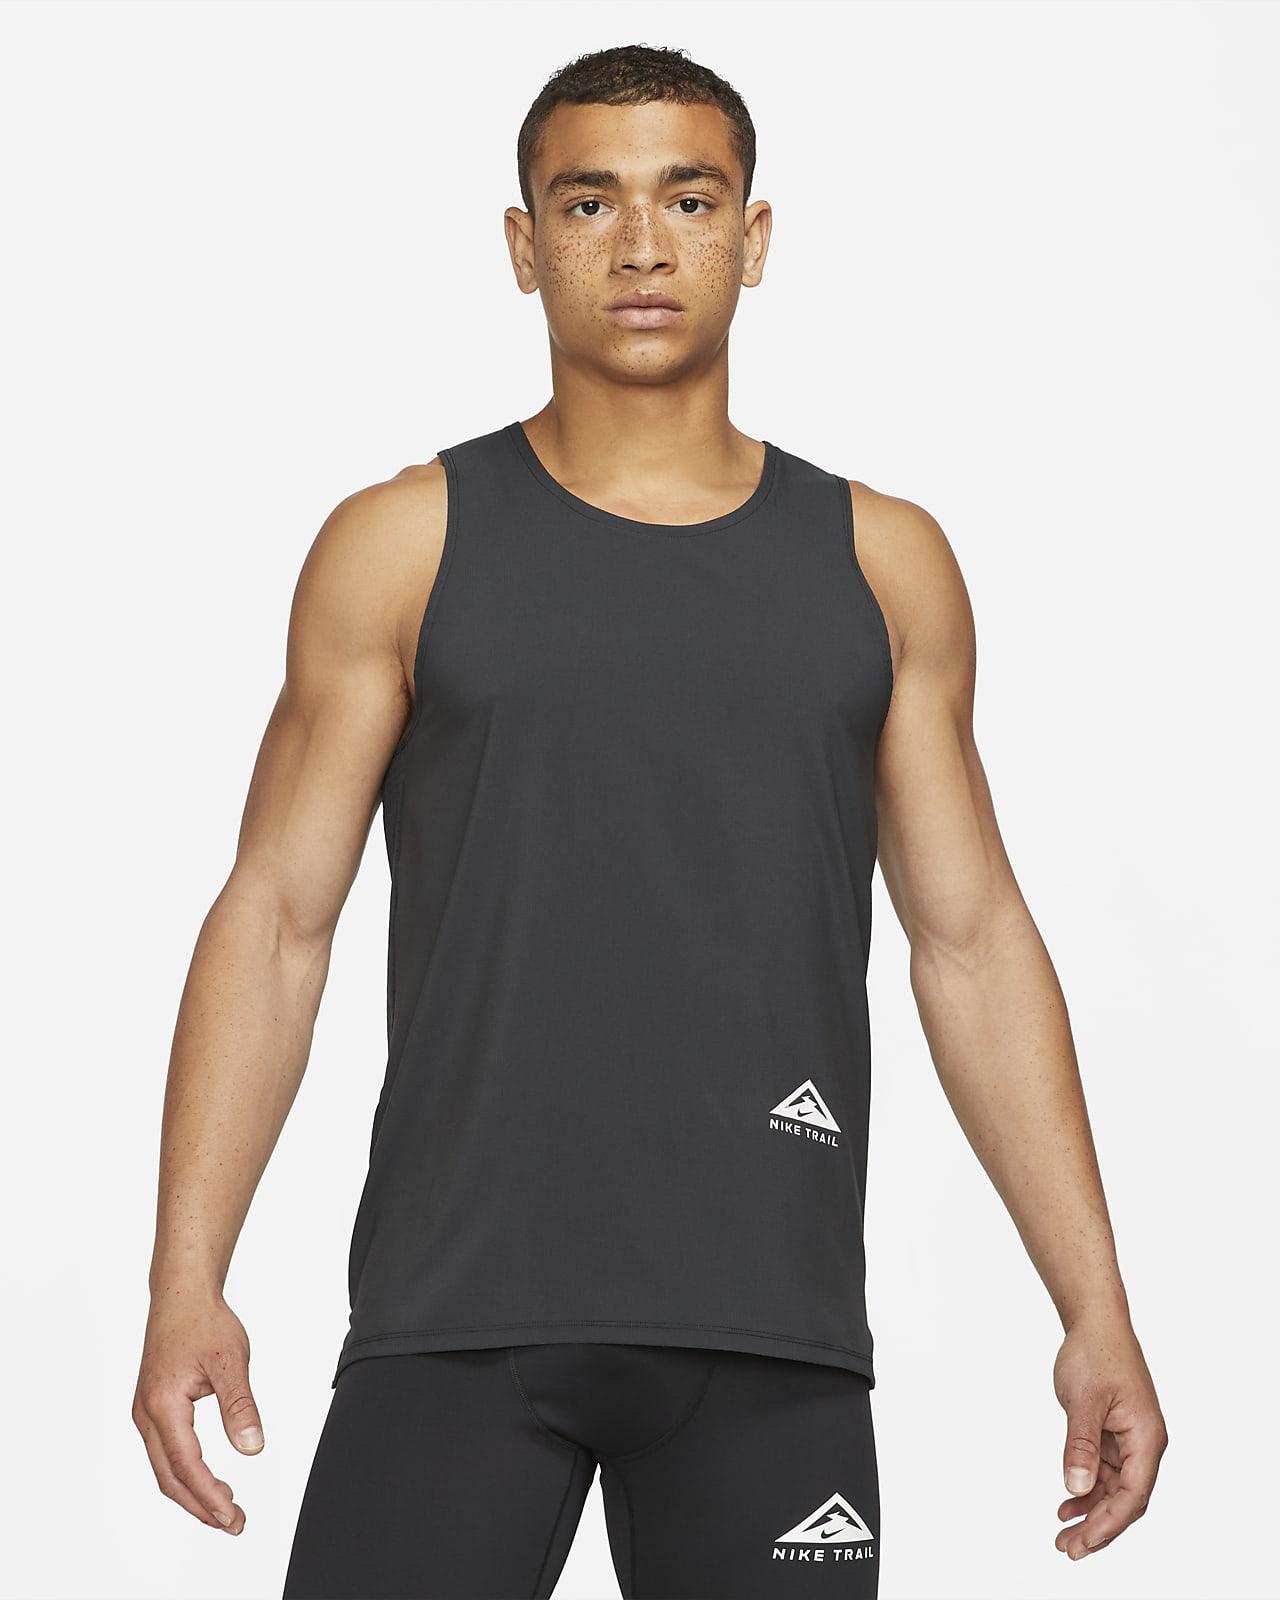 Ανδρικό φανελάκι για τρέξιμο σε ανώμαλο δρόμο Nike Dri-FIT Rise 365